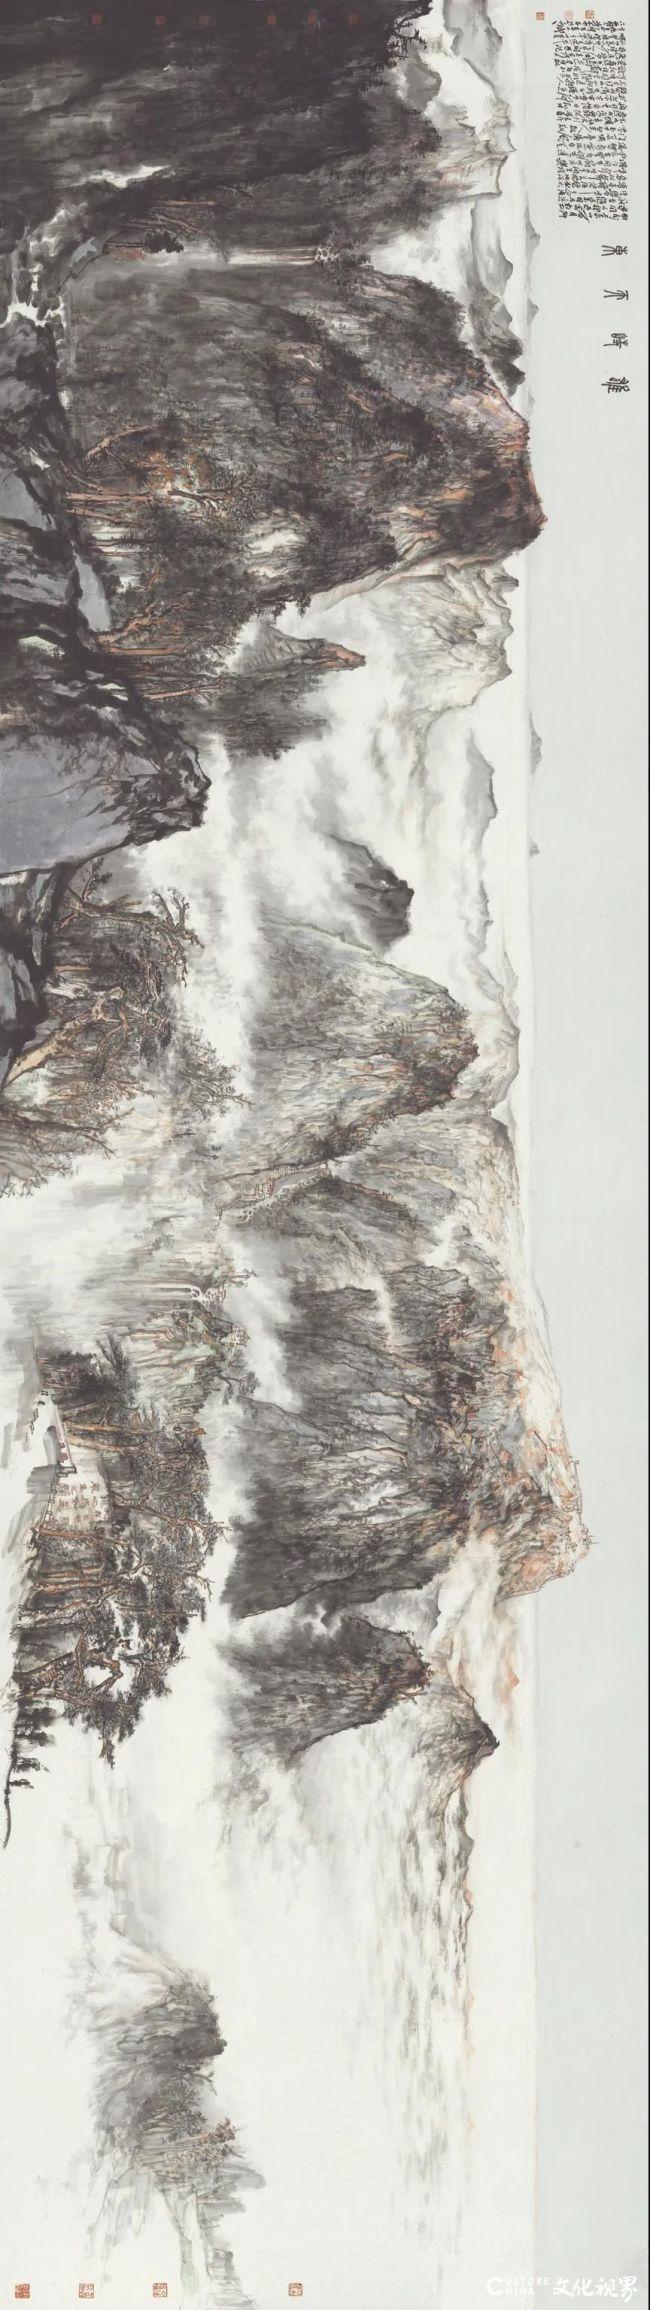 放笔直取 大刀阔斧——著名画家贾荣志笔下源于自然而又超越自然的水墨境界